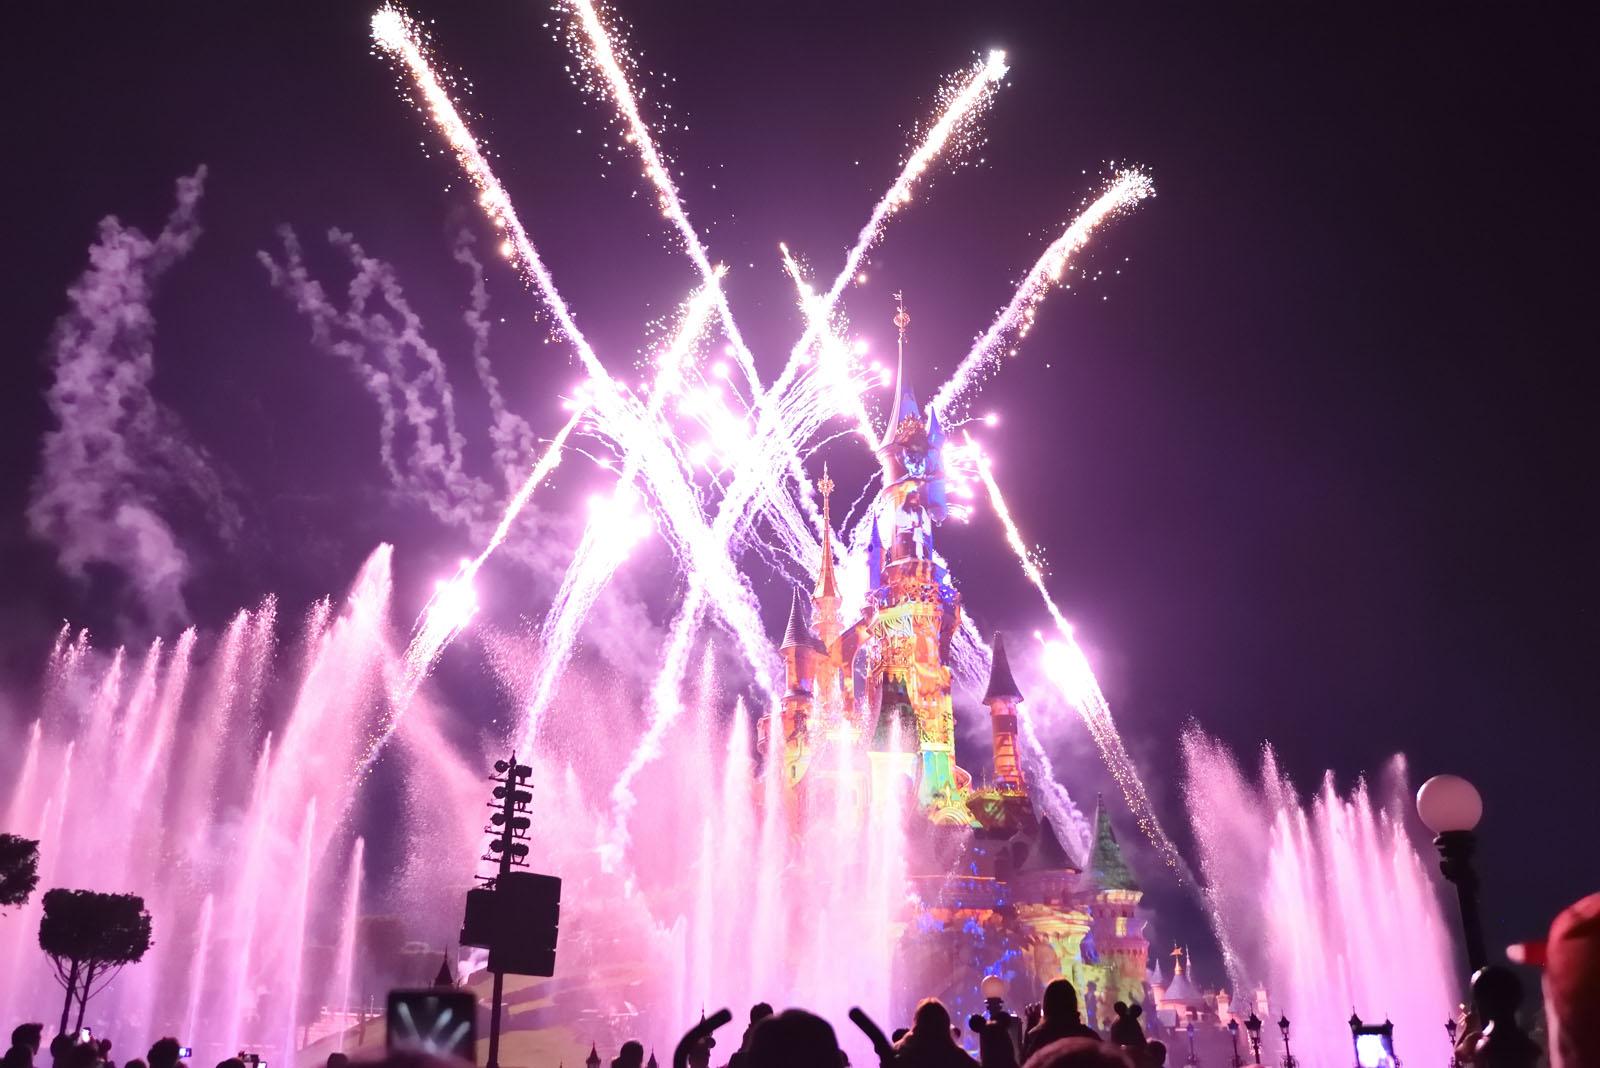 ディズニーランド・パリ ディズニー・イルミネーションズ Disneyland Paris Disney Illuminations